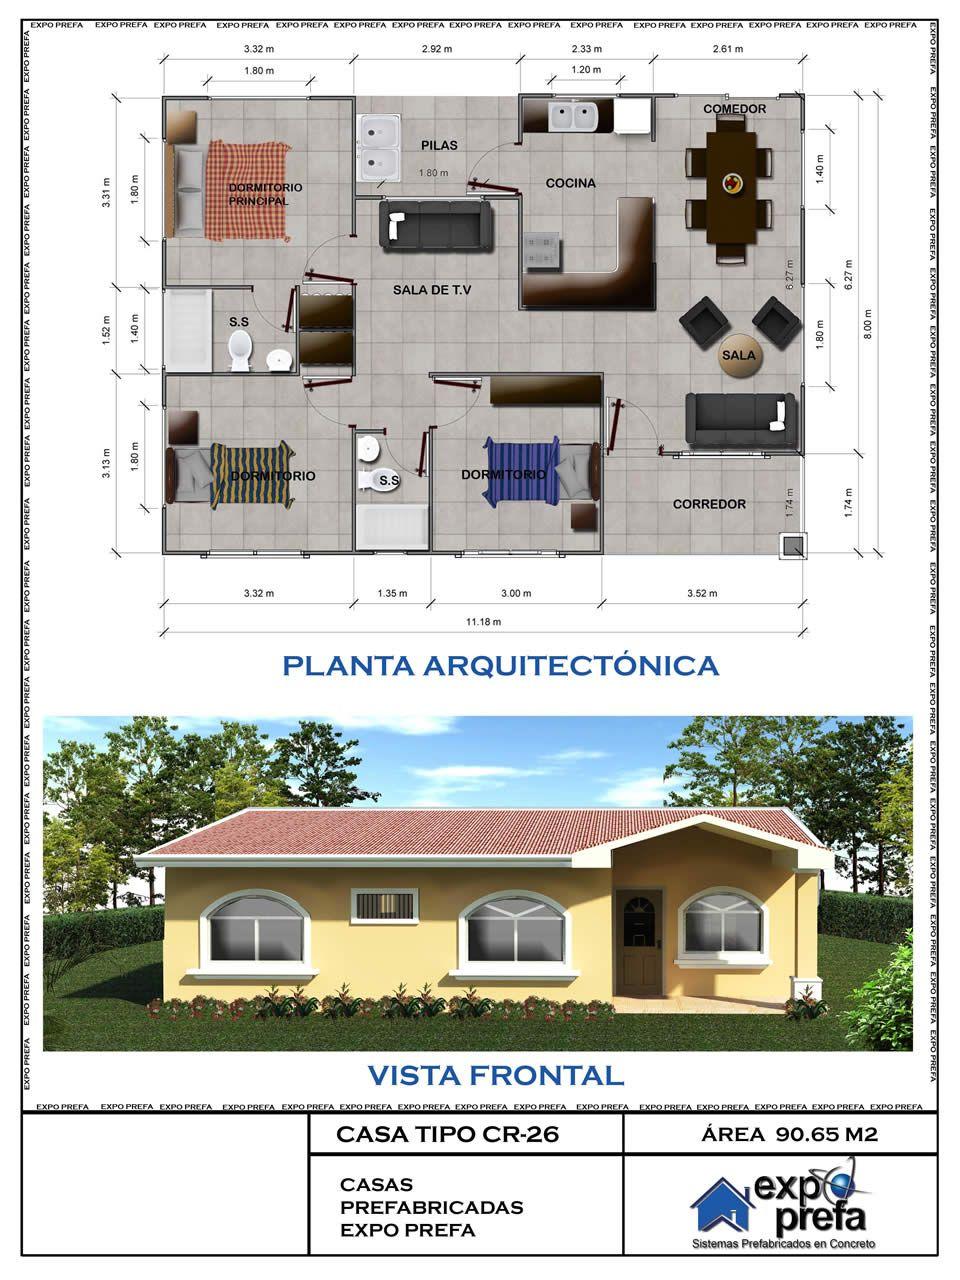 Cat logo de dise os de casas prefabricadas j pinterest casas prefabricadas casas y - Catalogo de casas prefabricadas ...